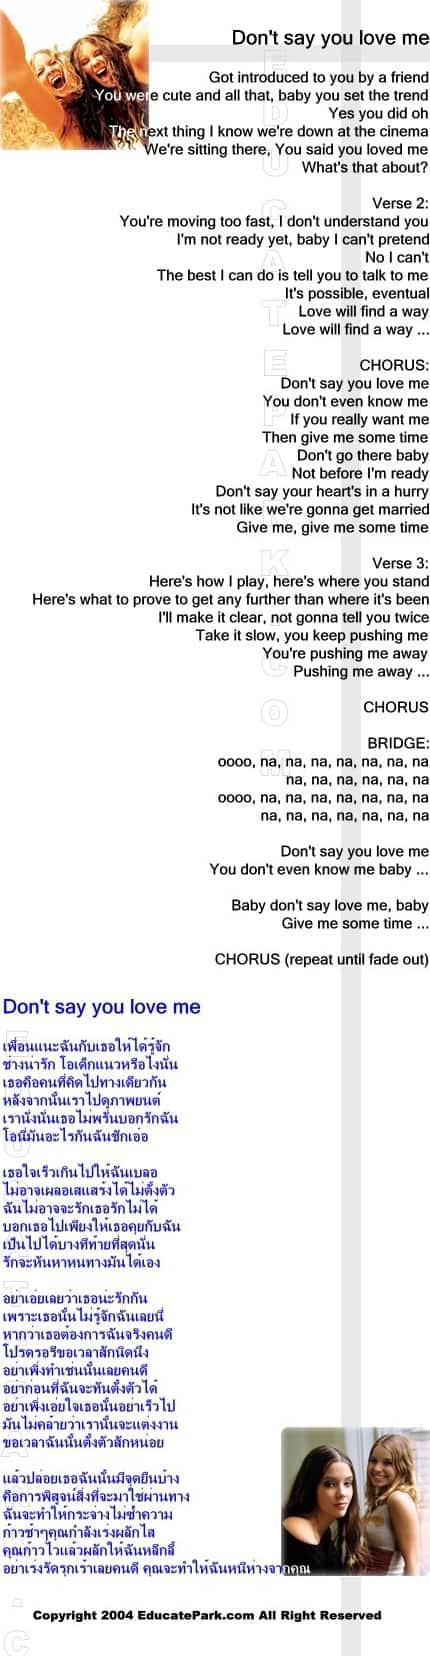 แปลเพลง Don't say you love me - M2M